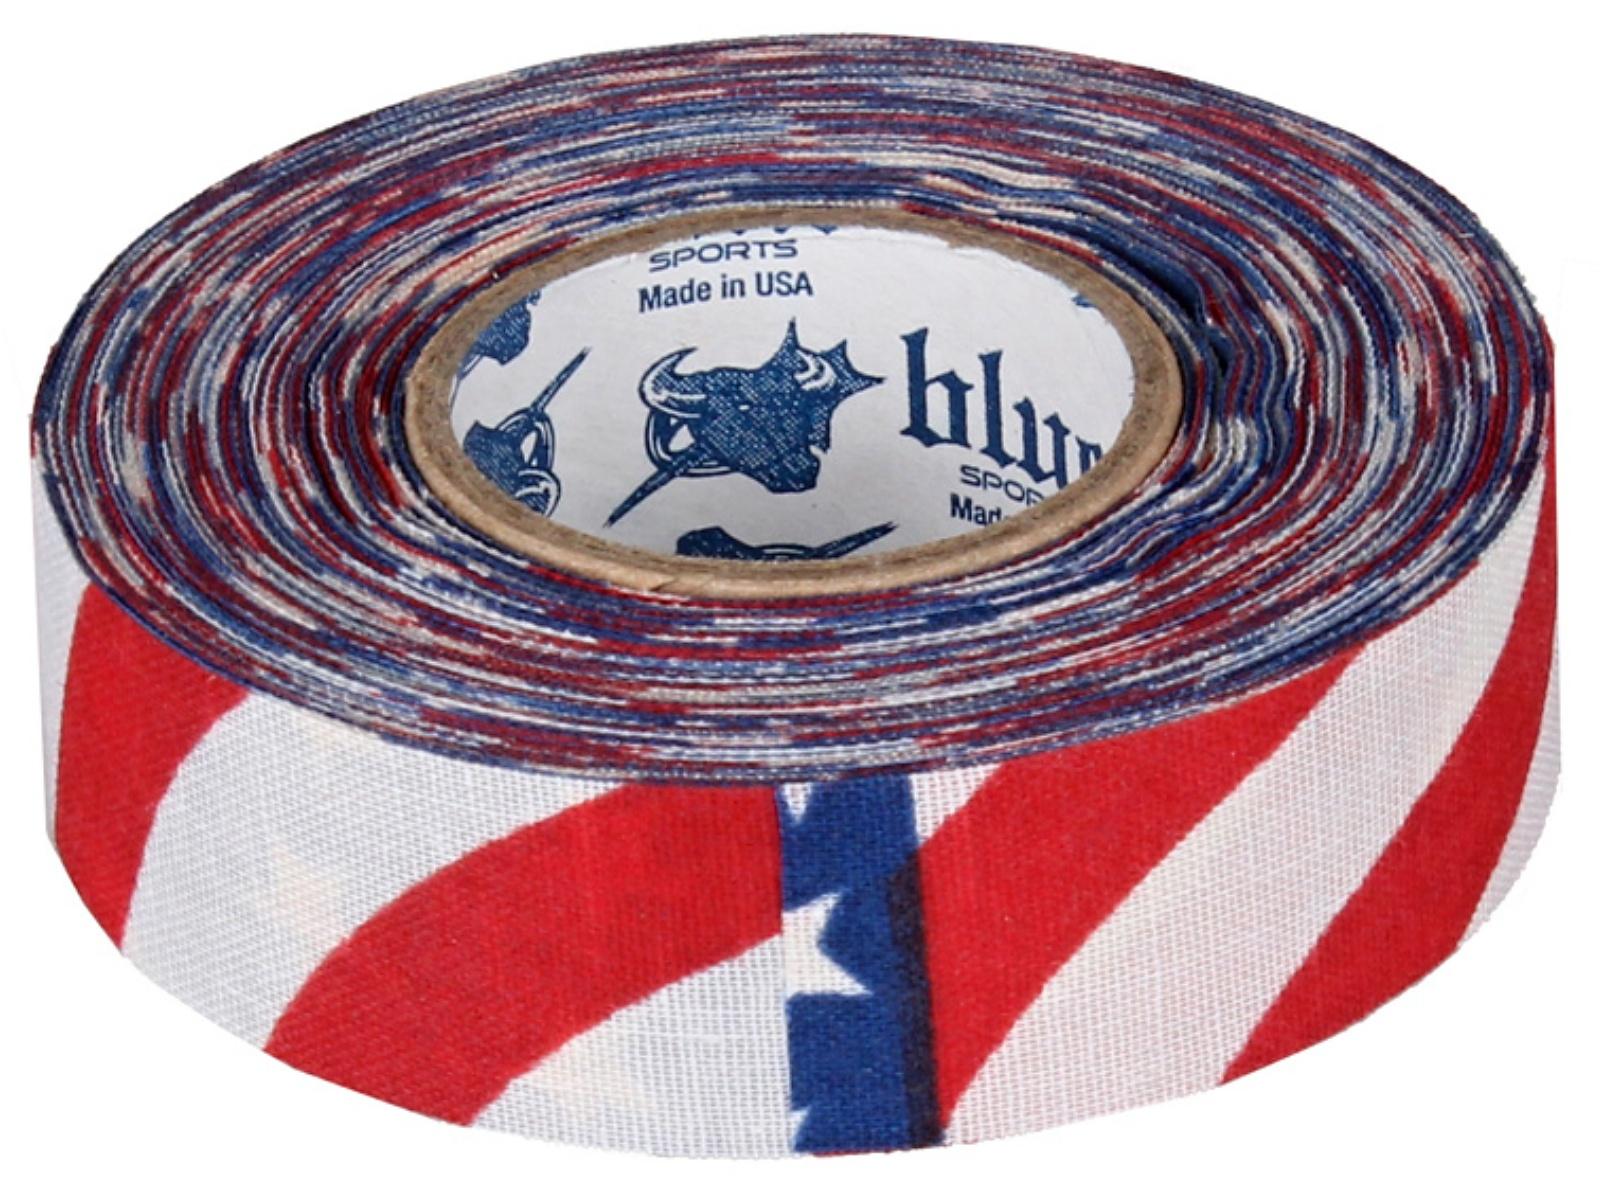 Hokejová páska BLUE Sport 18 m x 2,4 cm, netrhací - USA